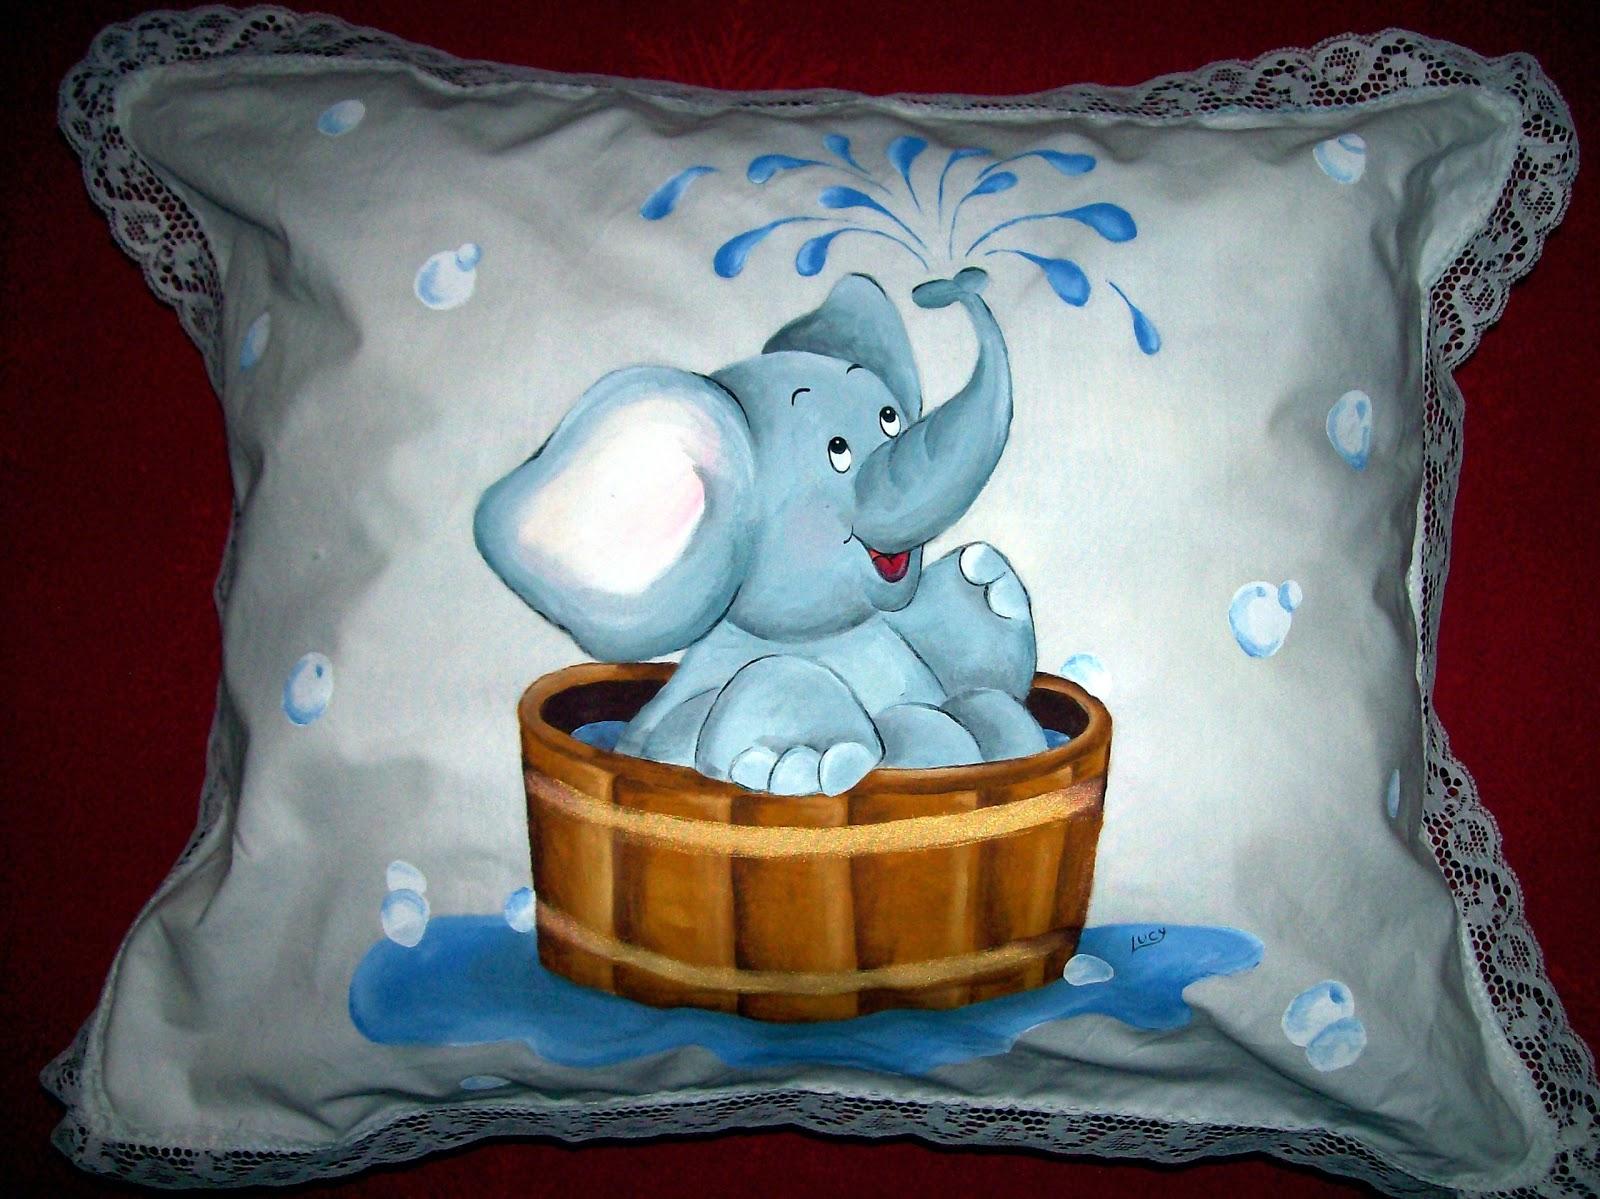 El arte de lucy almohadoncitos tiernos para bebes - Dibujos para pintar en tela infantiles ...